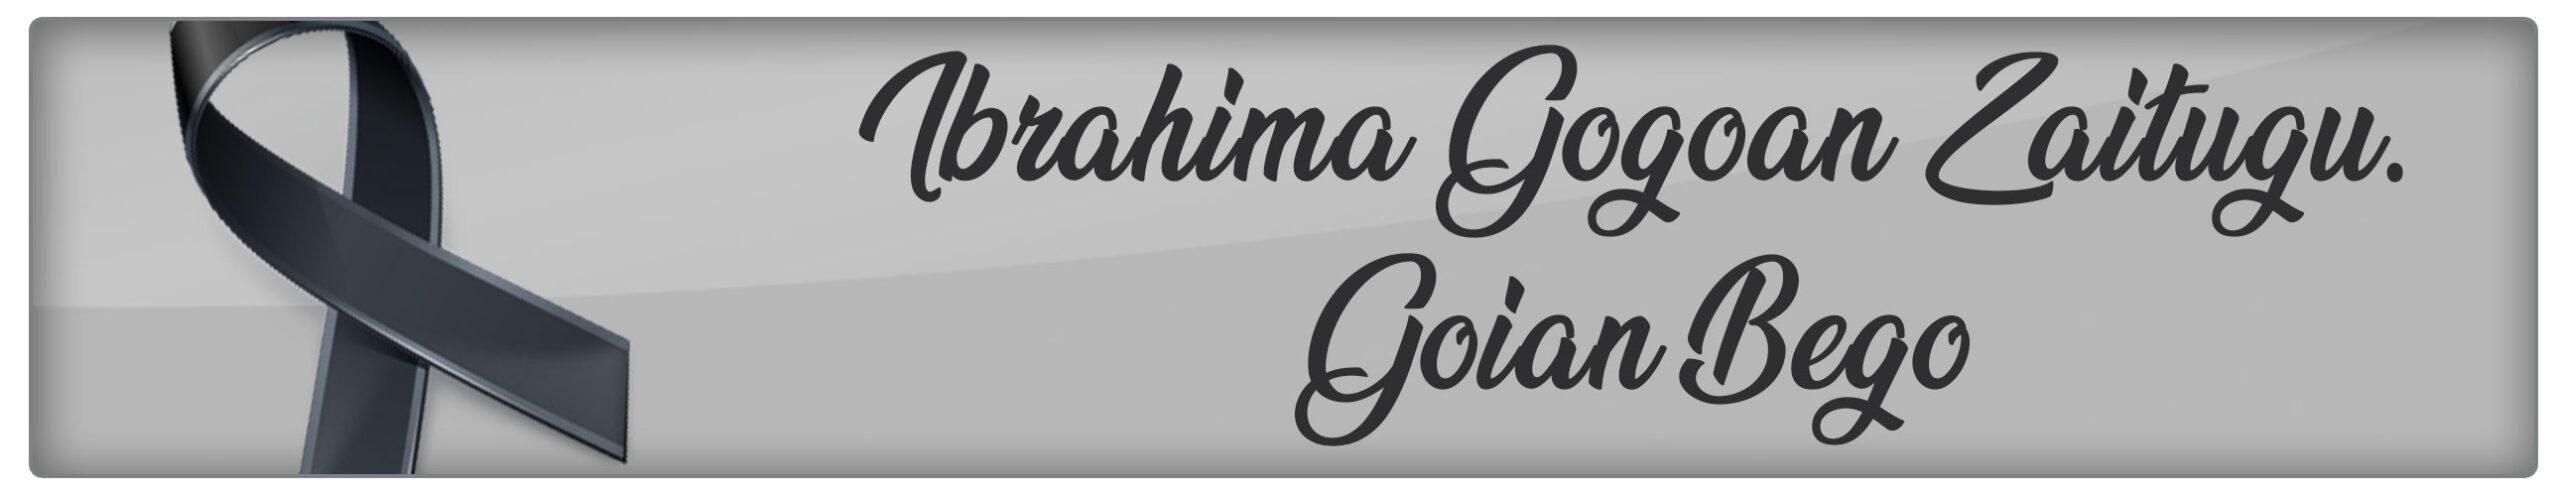 Ibrahima Gogoan zaitugu